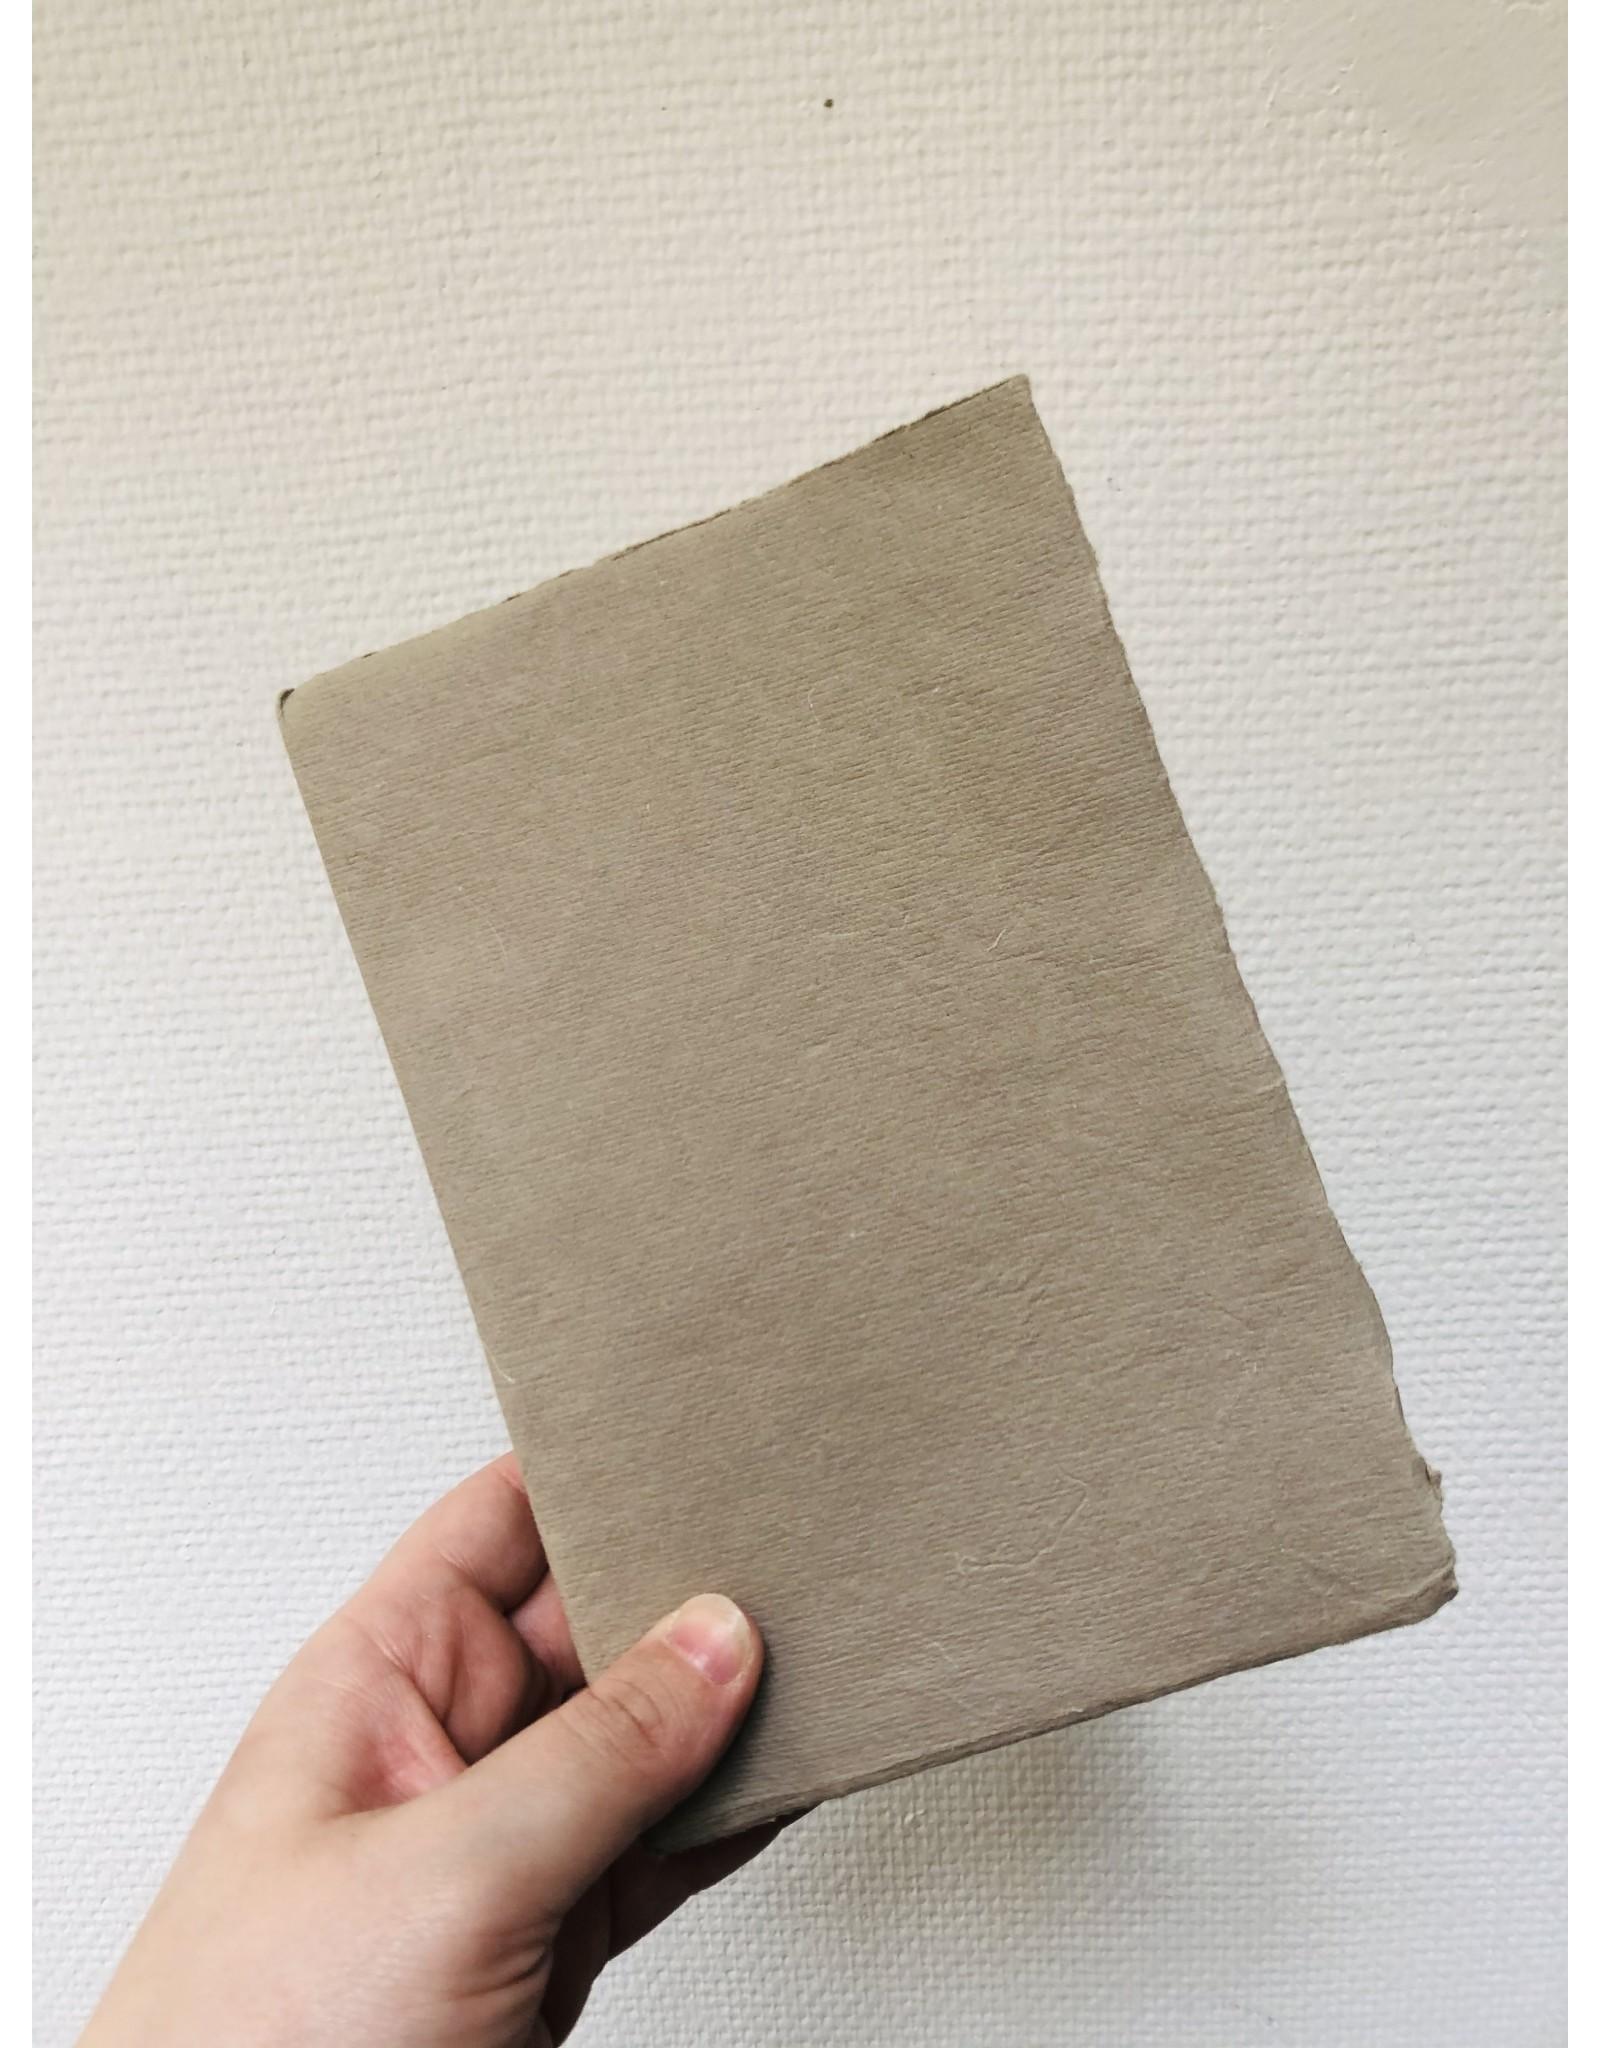 Lamali Boek Laisse - Grijs Beige - Zachte papieren kaft  - Gestikte binding - 80 ivoren pagina's - Handgemaakt 100% katoenpapier - 12,5  x 19 cm